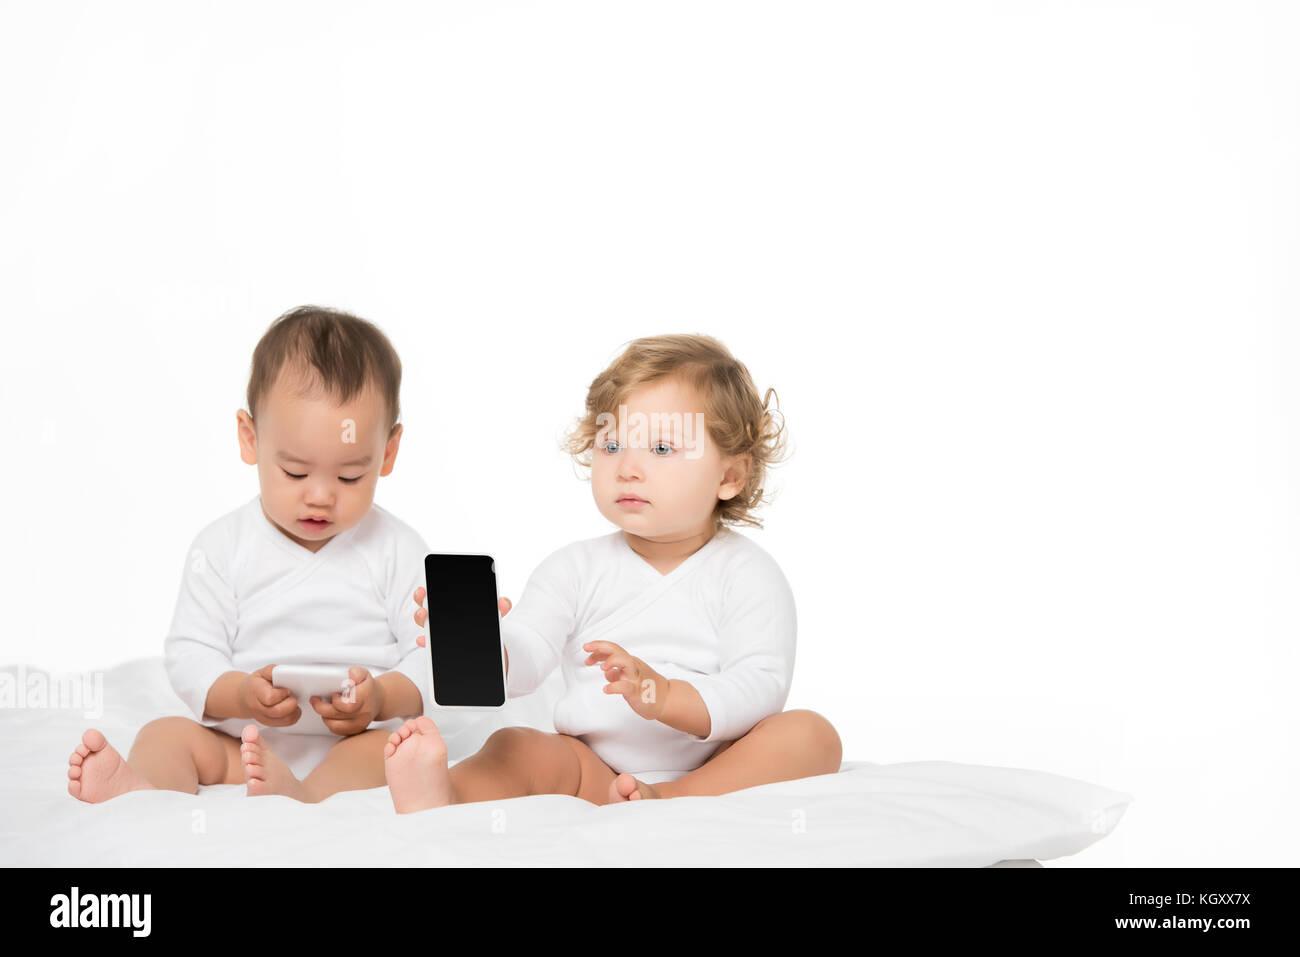 Los niños multiculturales con smartphones digital Foto de stock